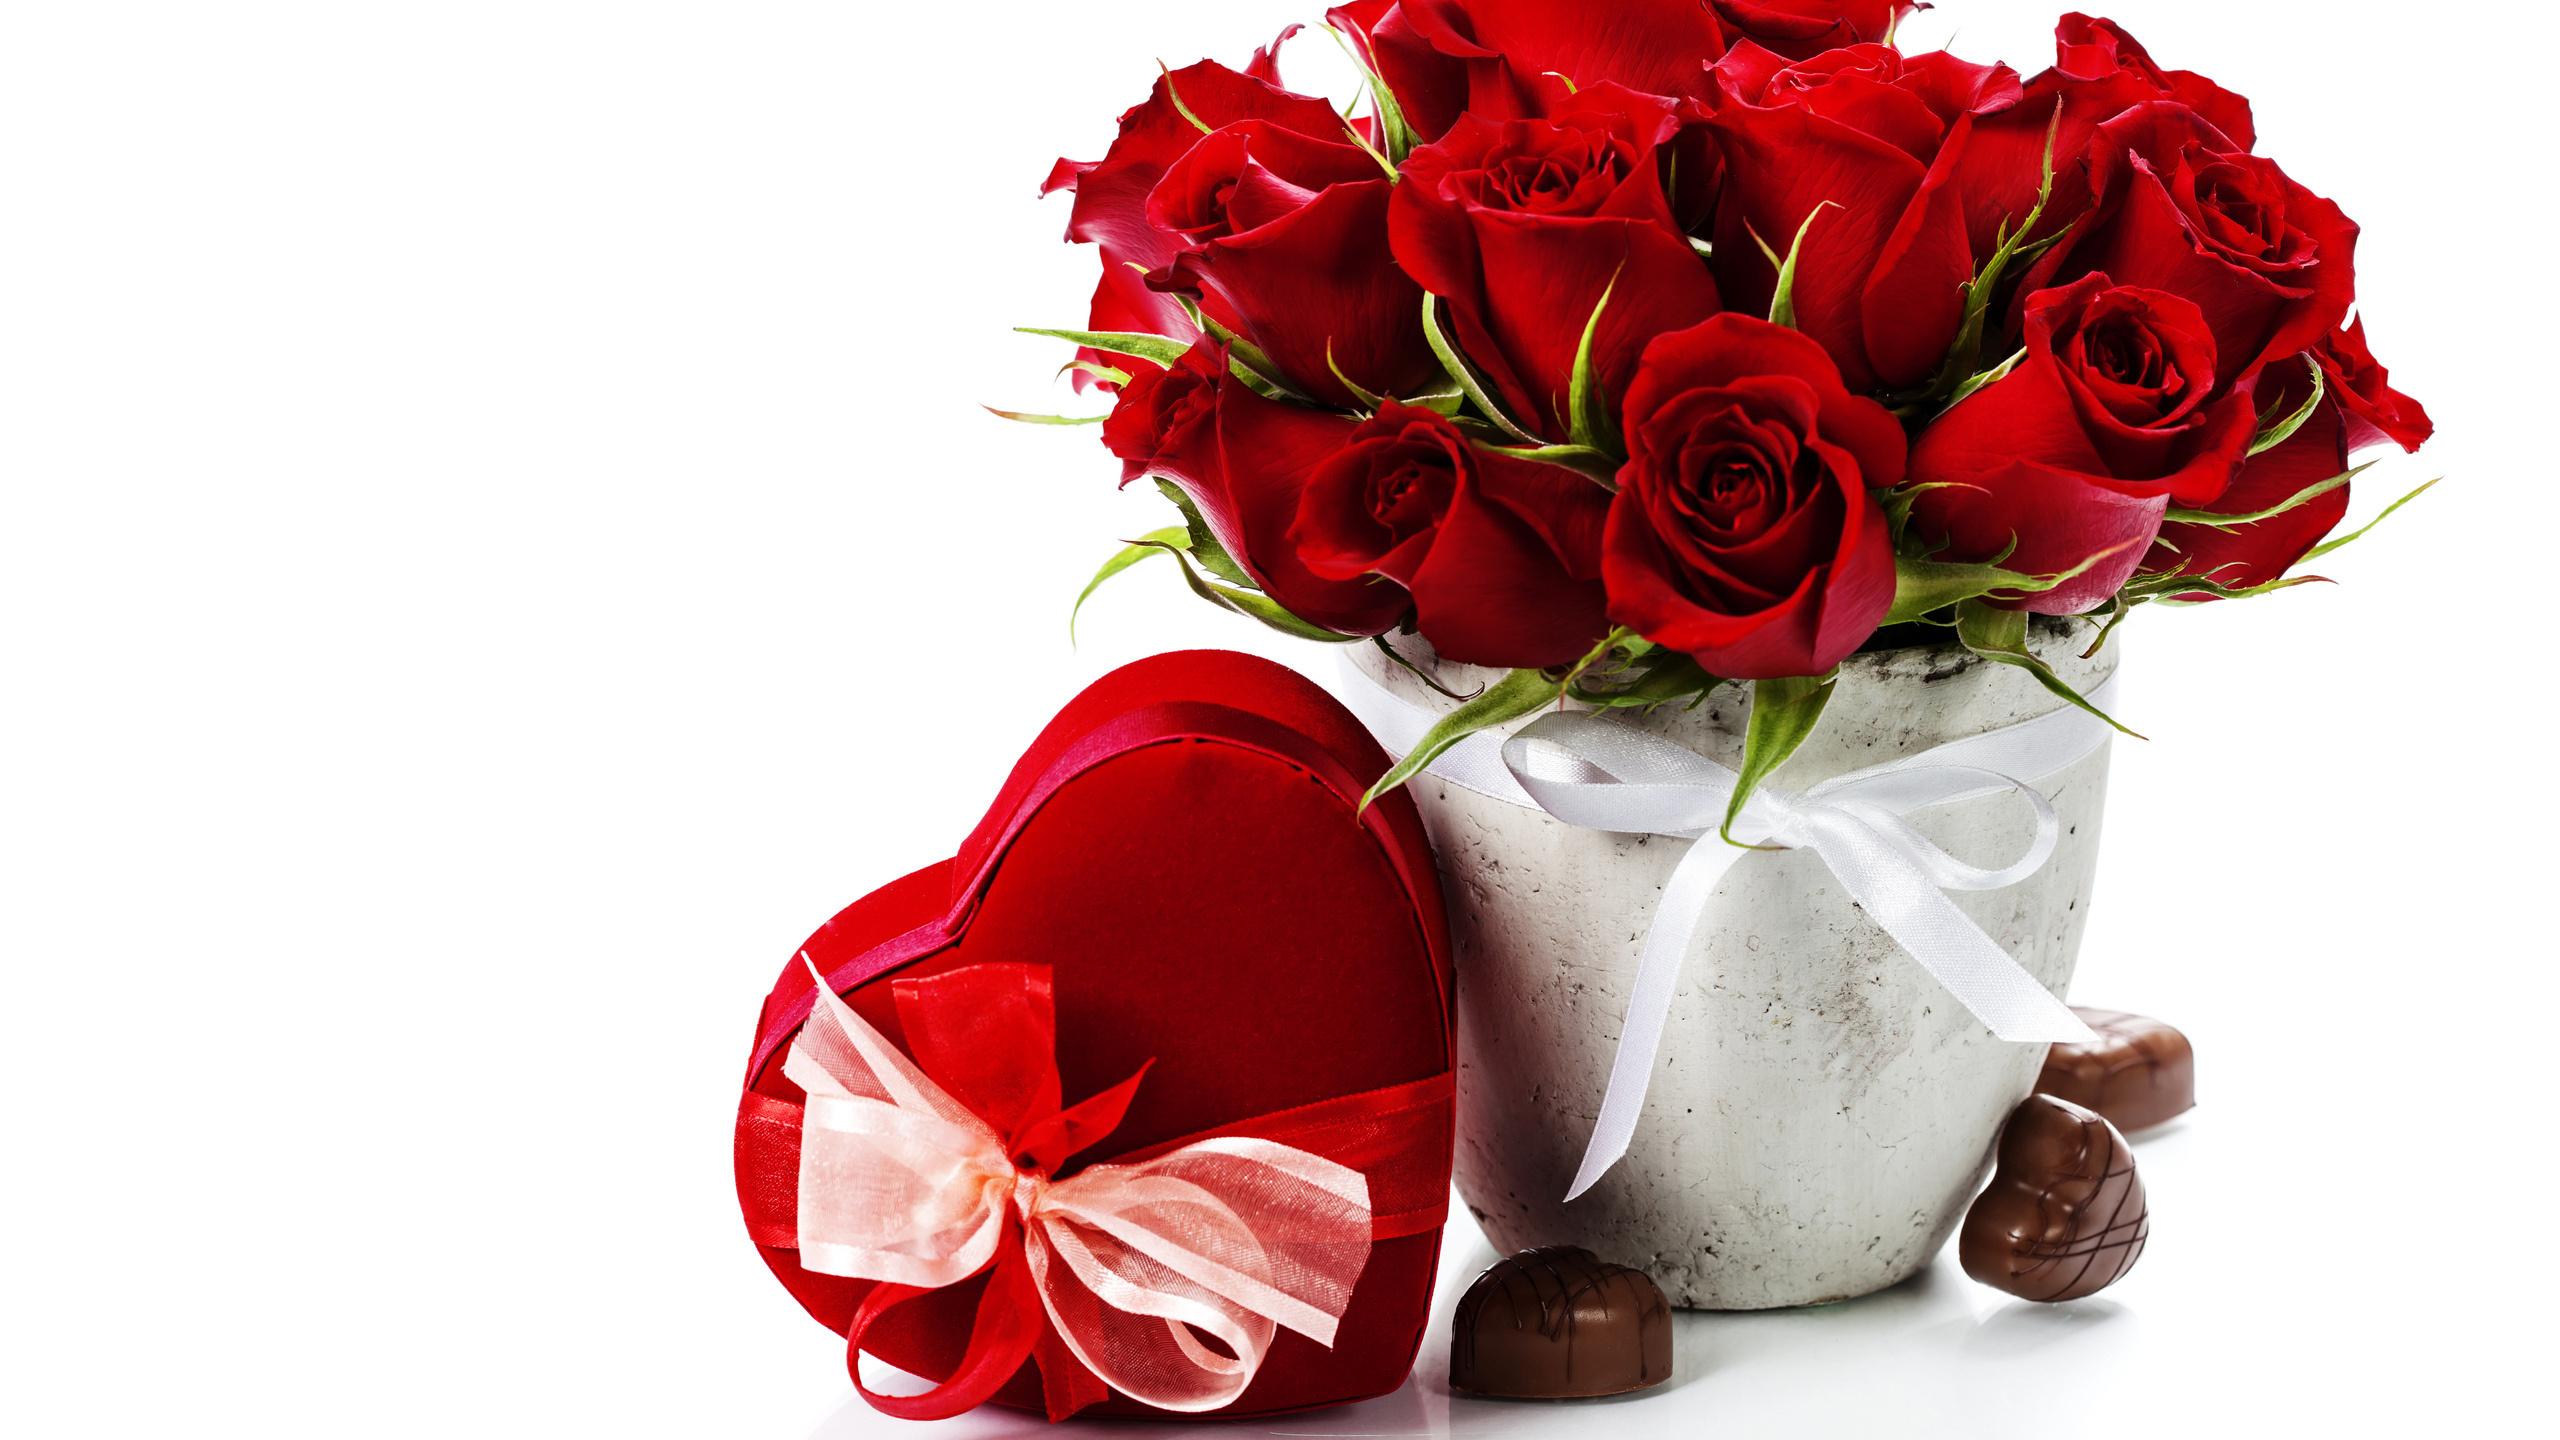 Слова на открытке для цветов, хорошим настроением удачи